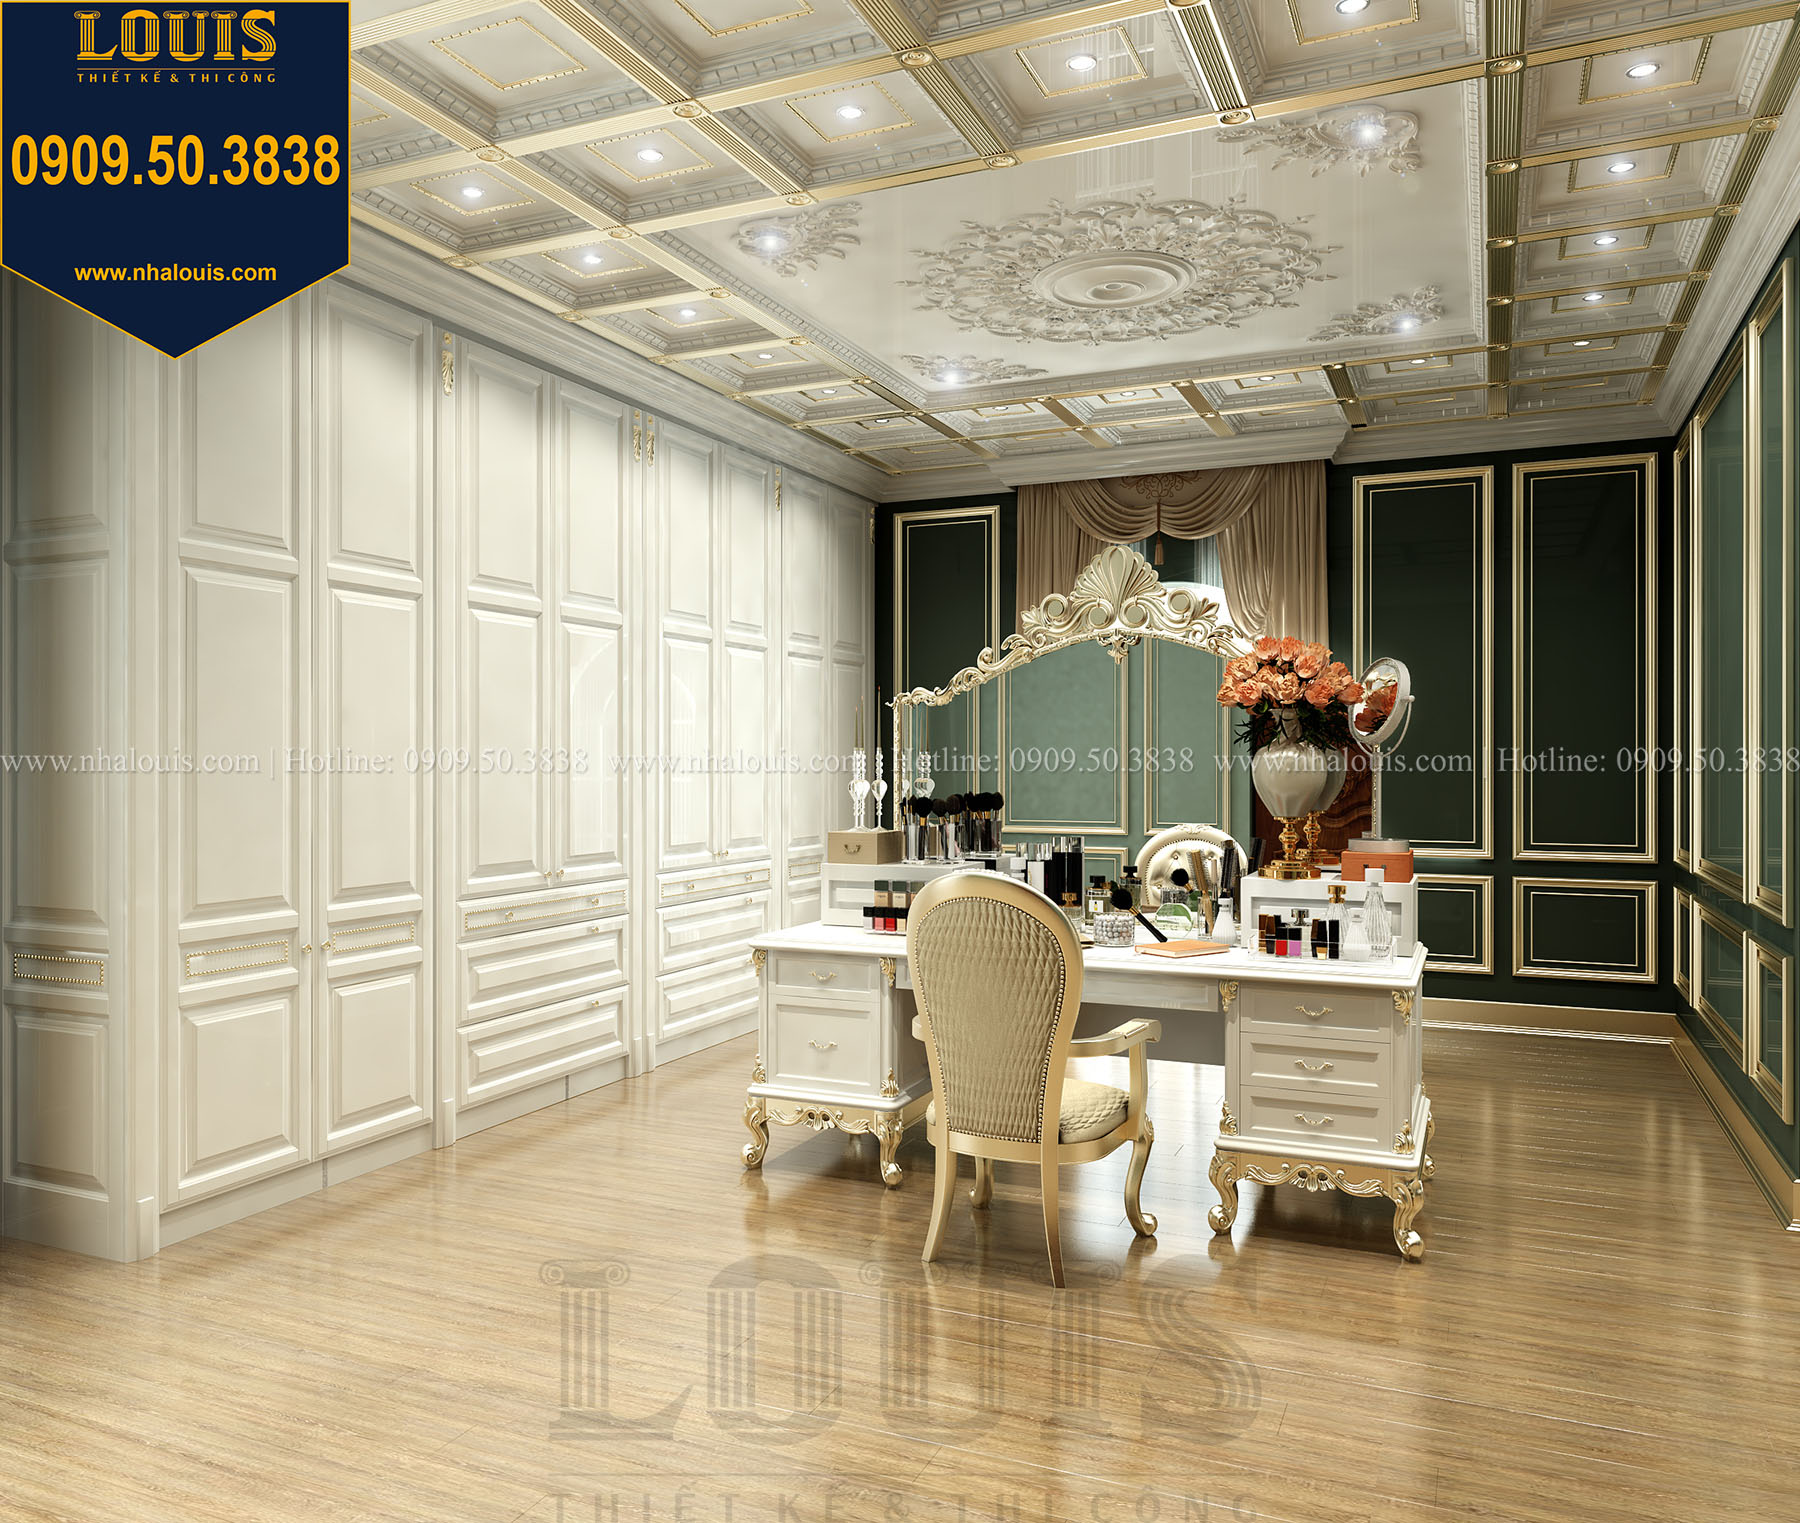 Phòng ngủ master Biệt thự Châu Âu cổ điển chuẩn sang chảnh tại Nhà Bè - 029